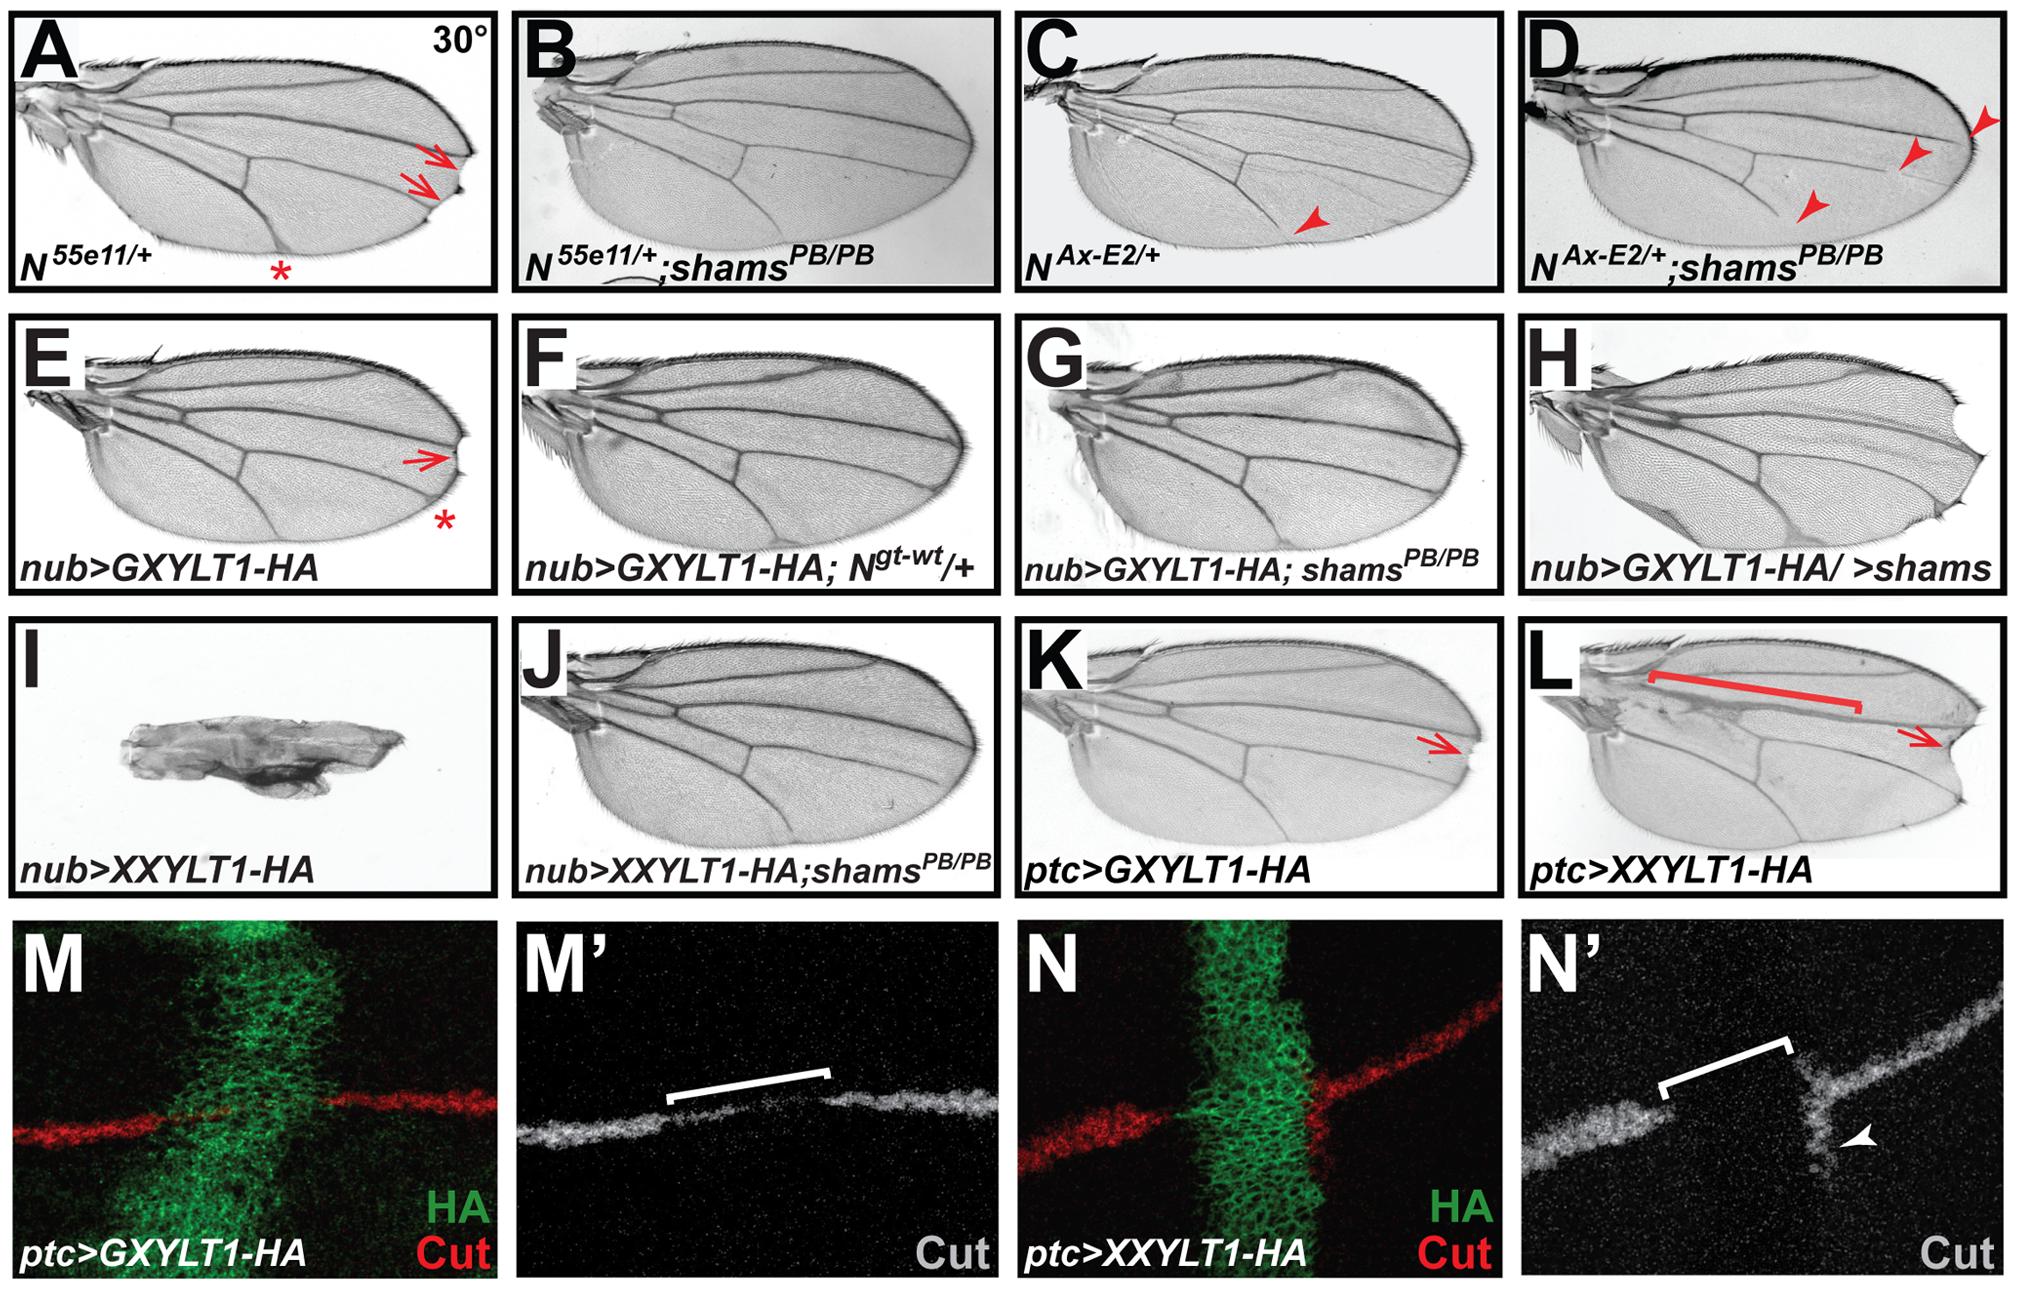 Xylosyltransferases inhibit <i>Drosophila</i> Notch signaling.